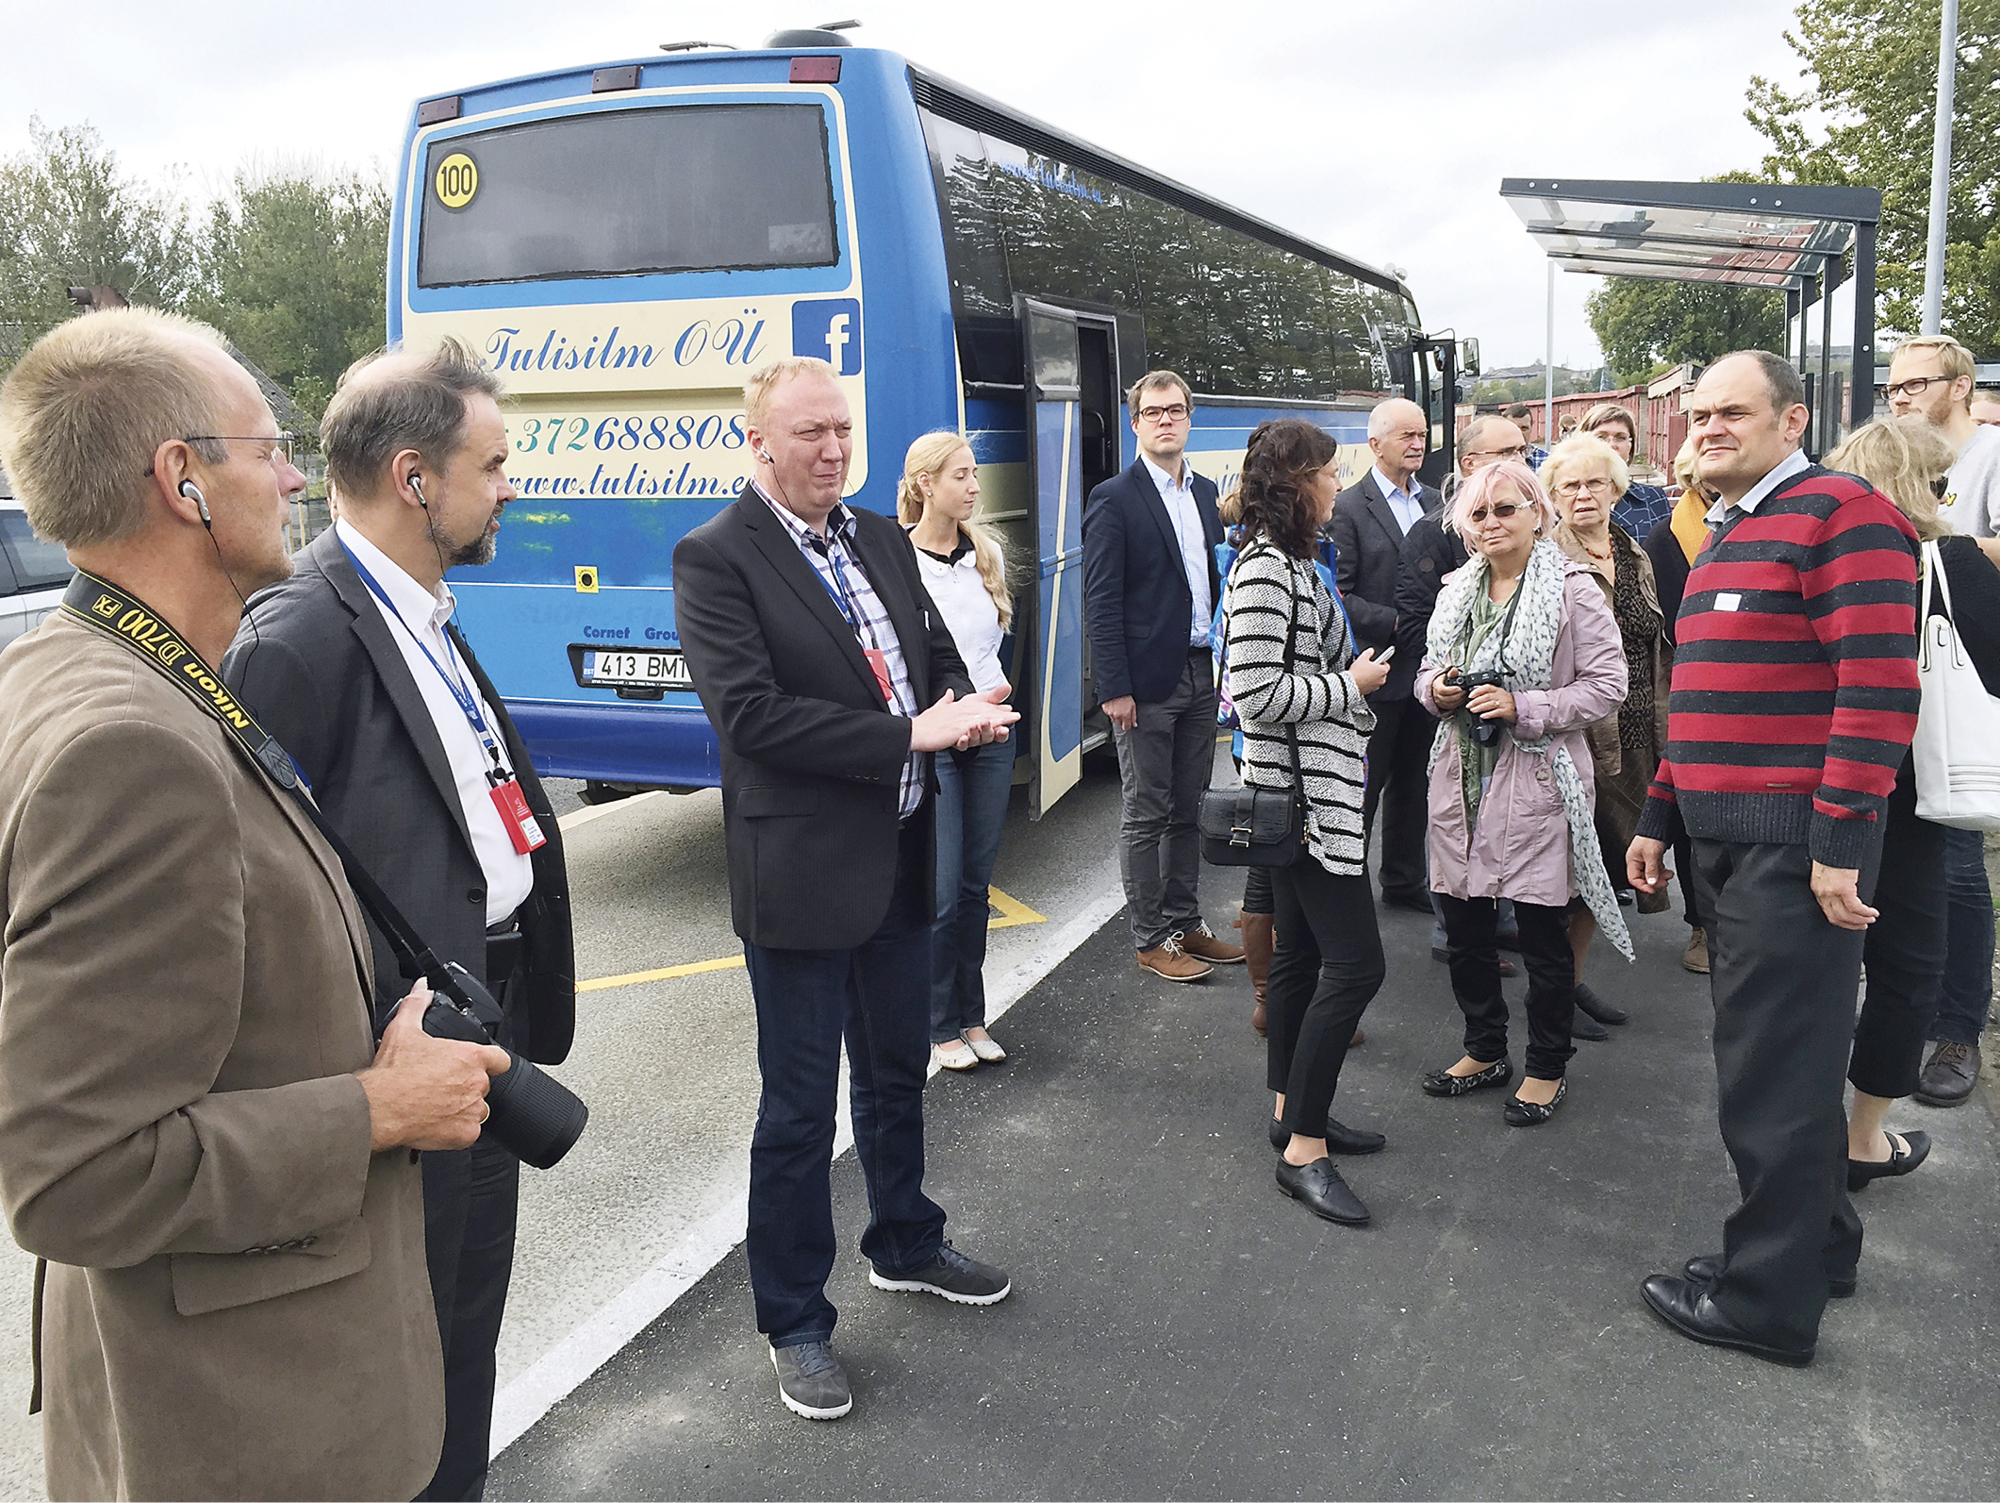 Viron kuntatekniikan päivien osallistujat tutustuivat kaupungin valmistuneisiin hankkeisiin paikan päällä.